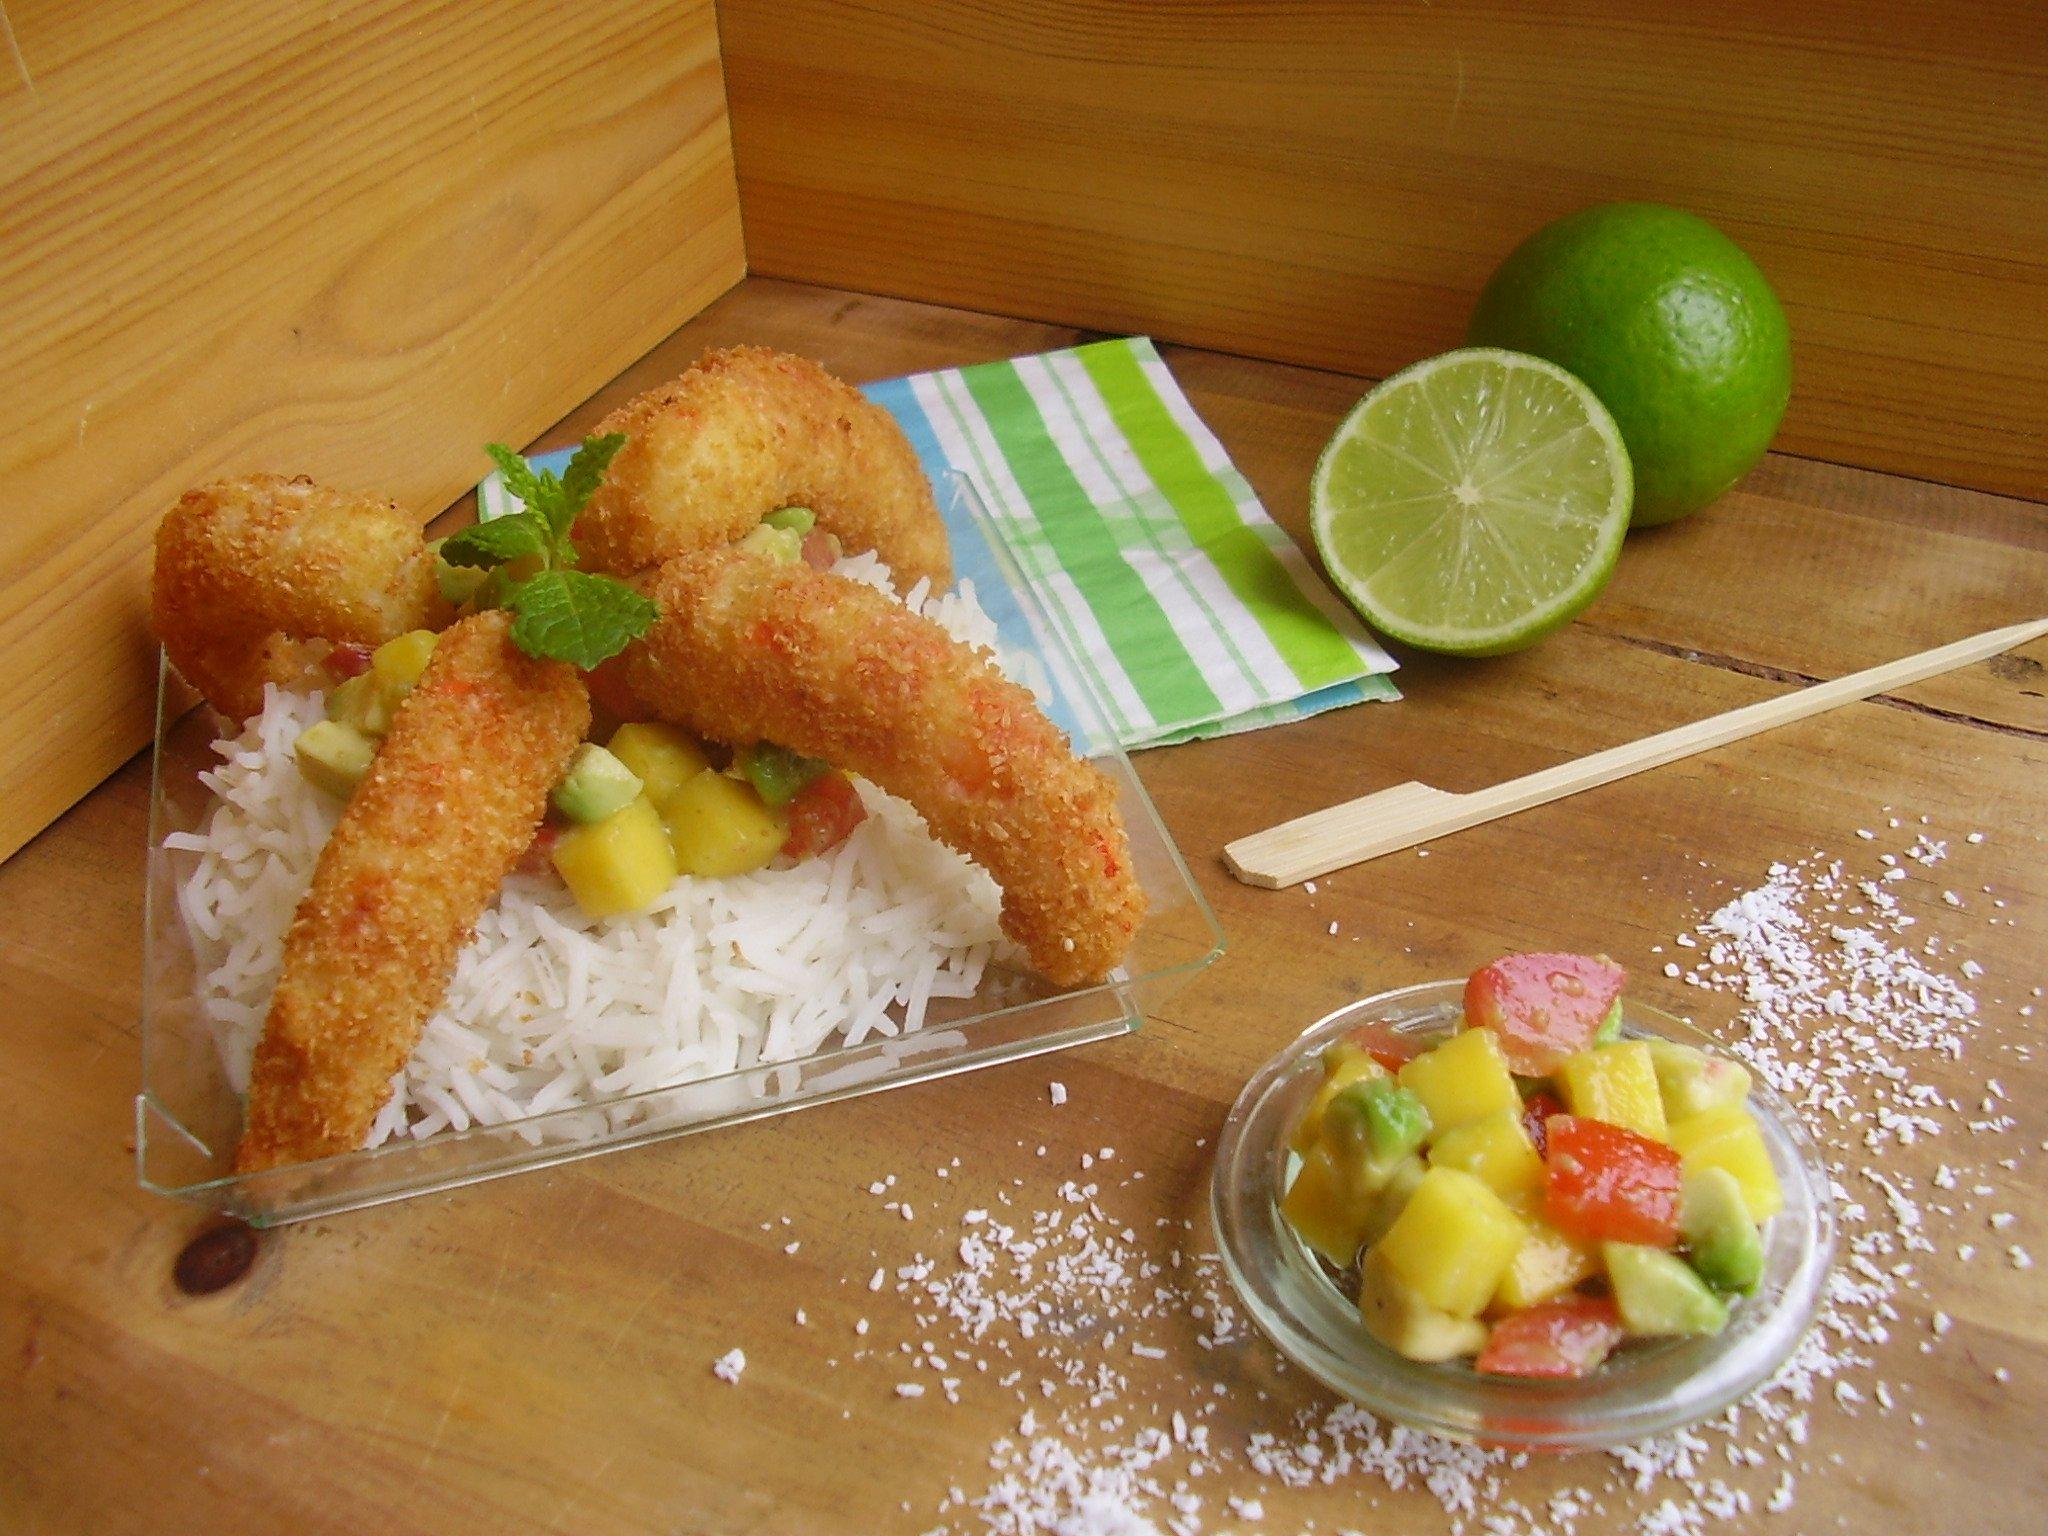 Crevettes panées à la noix de coco et salsa mangue-avocat